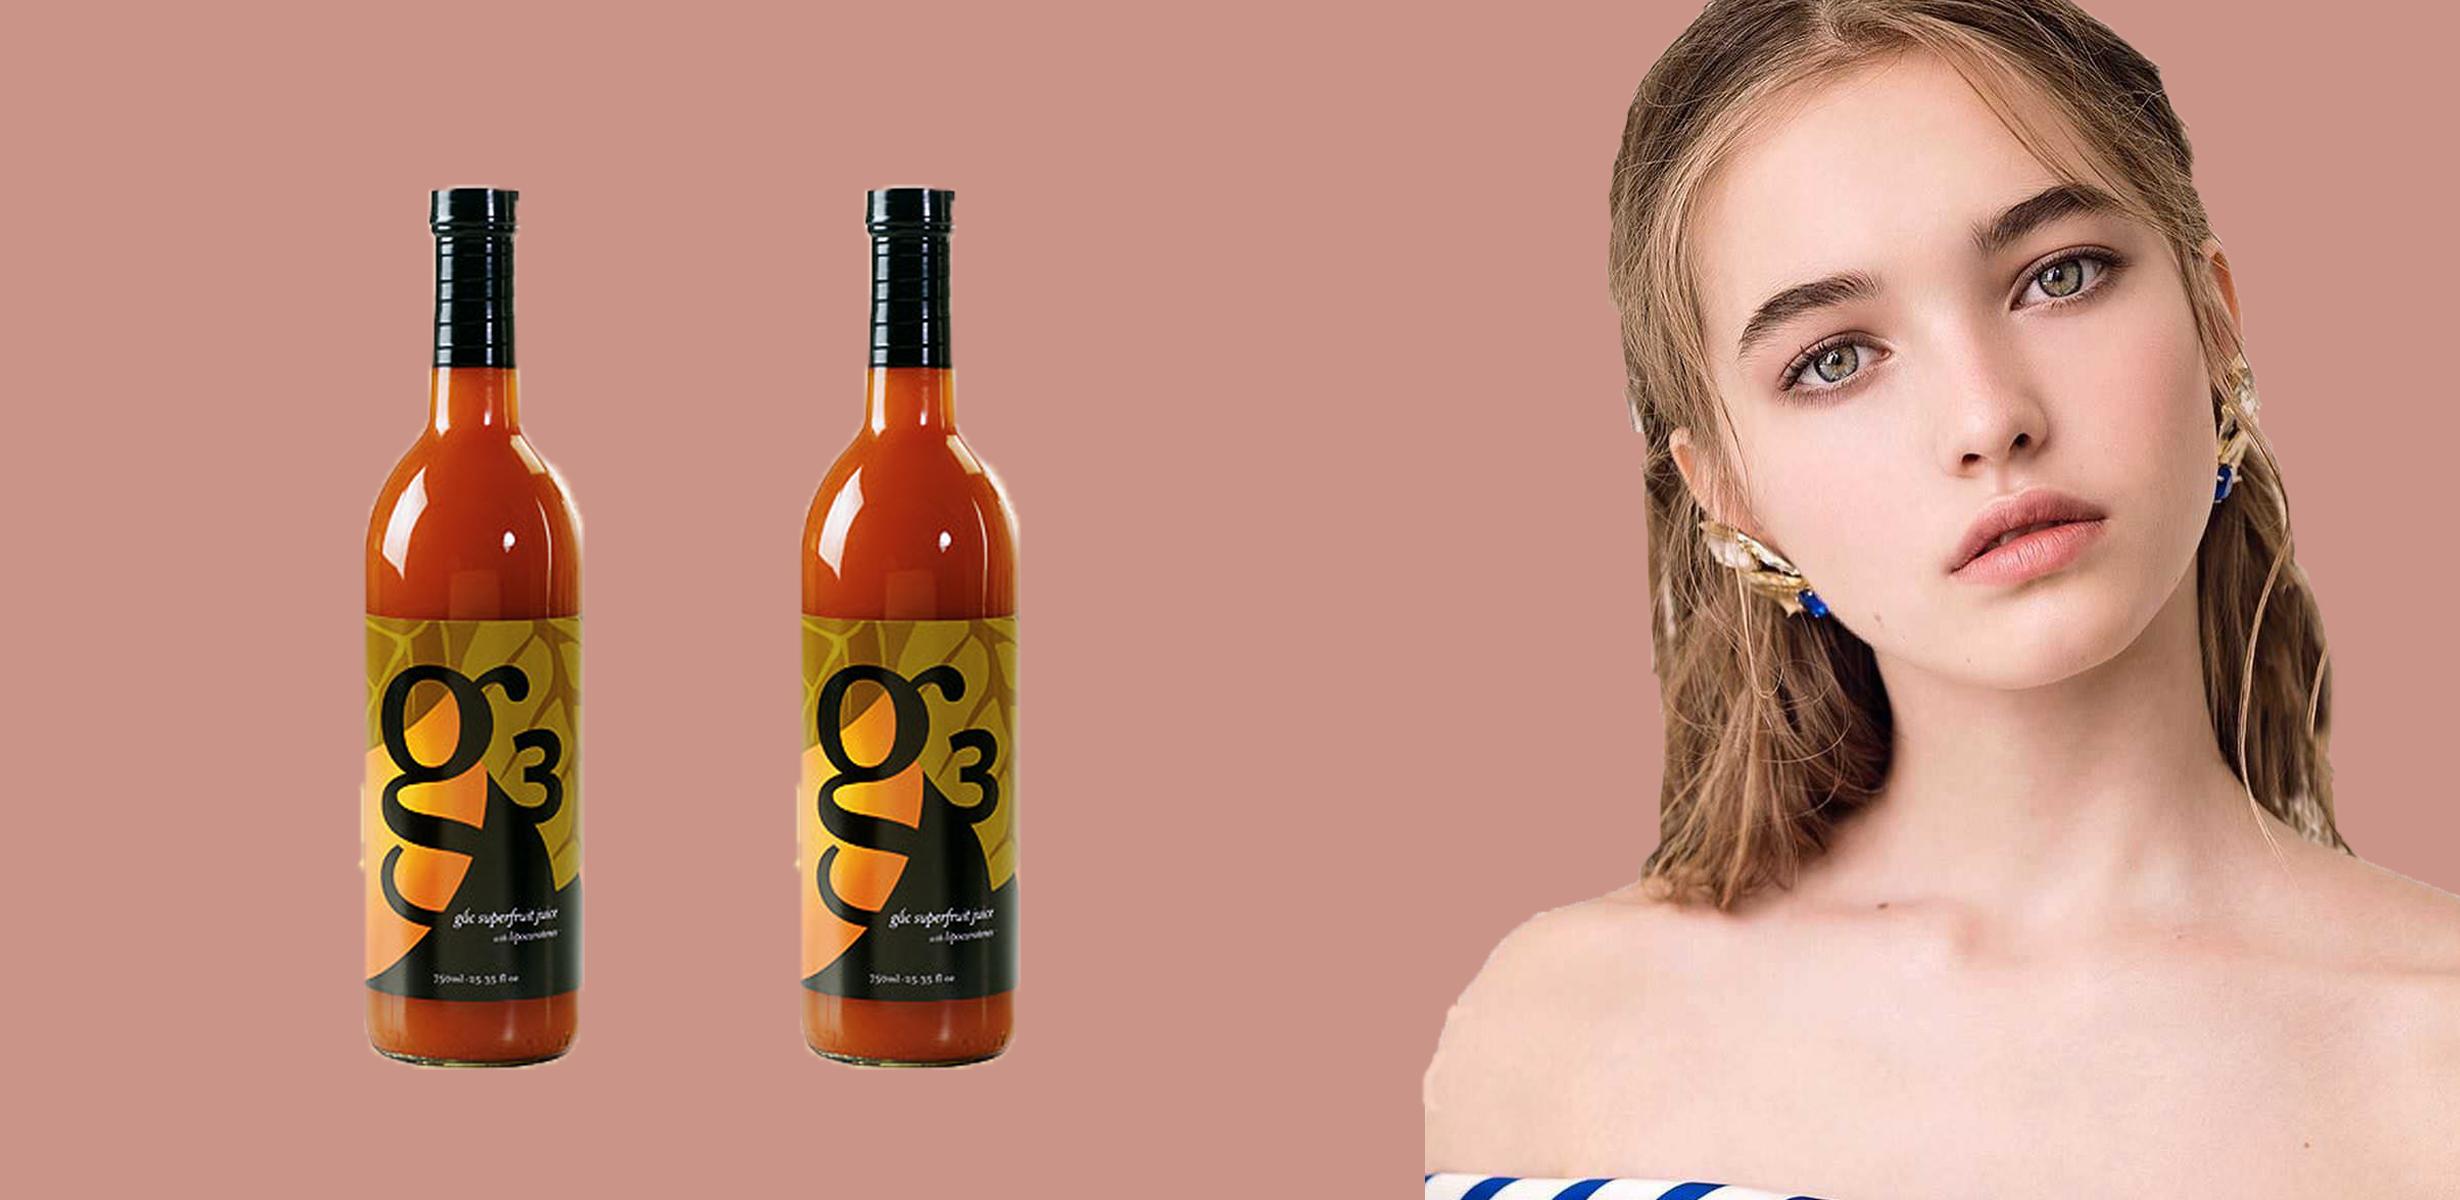 nuoc-gac-g3-07